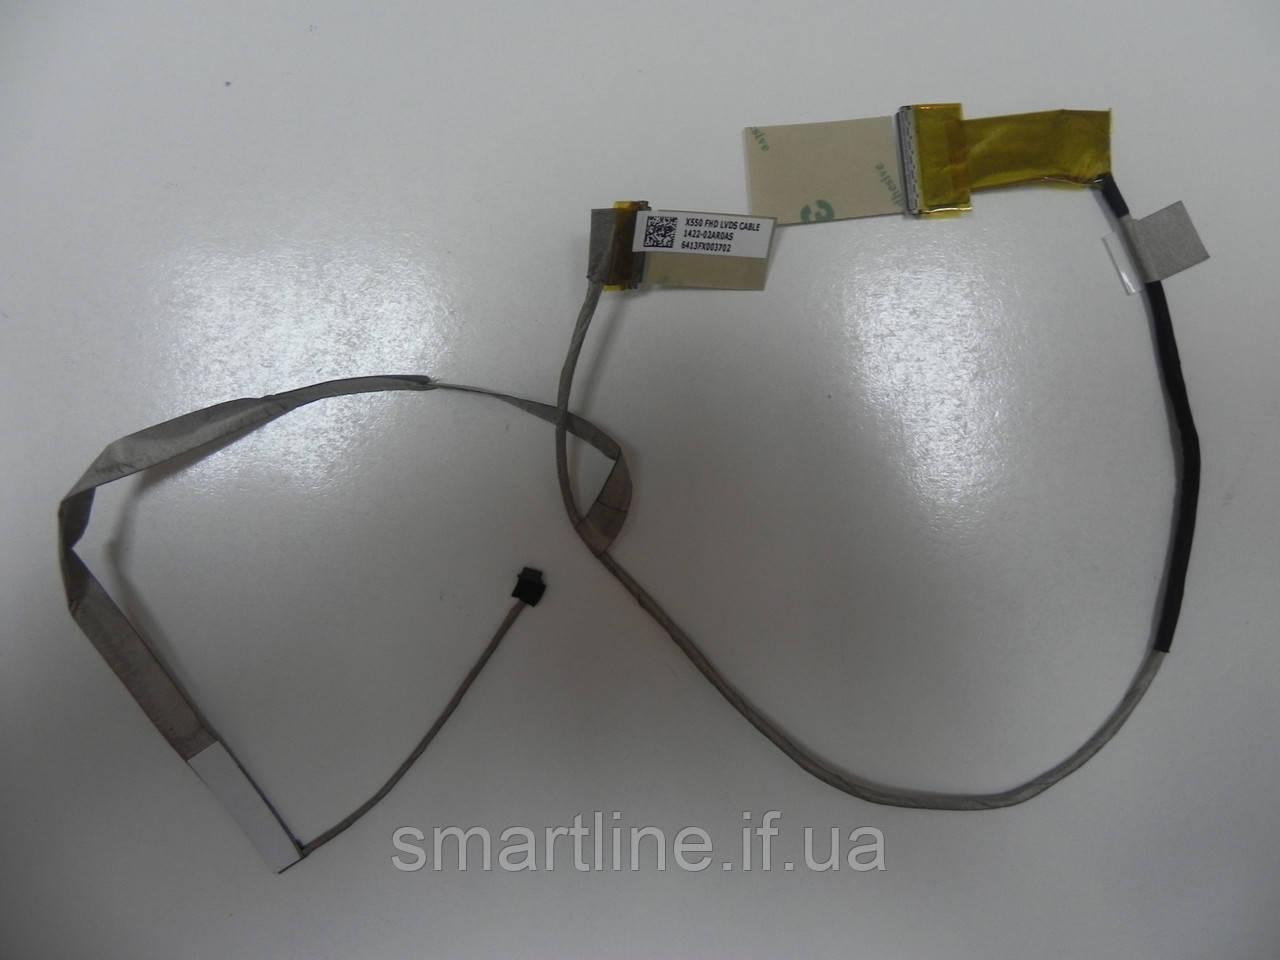 Новий Шлейф матриці для ноутбука ASUS X550, 1422-02AR0AS, 6413FX003702